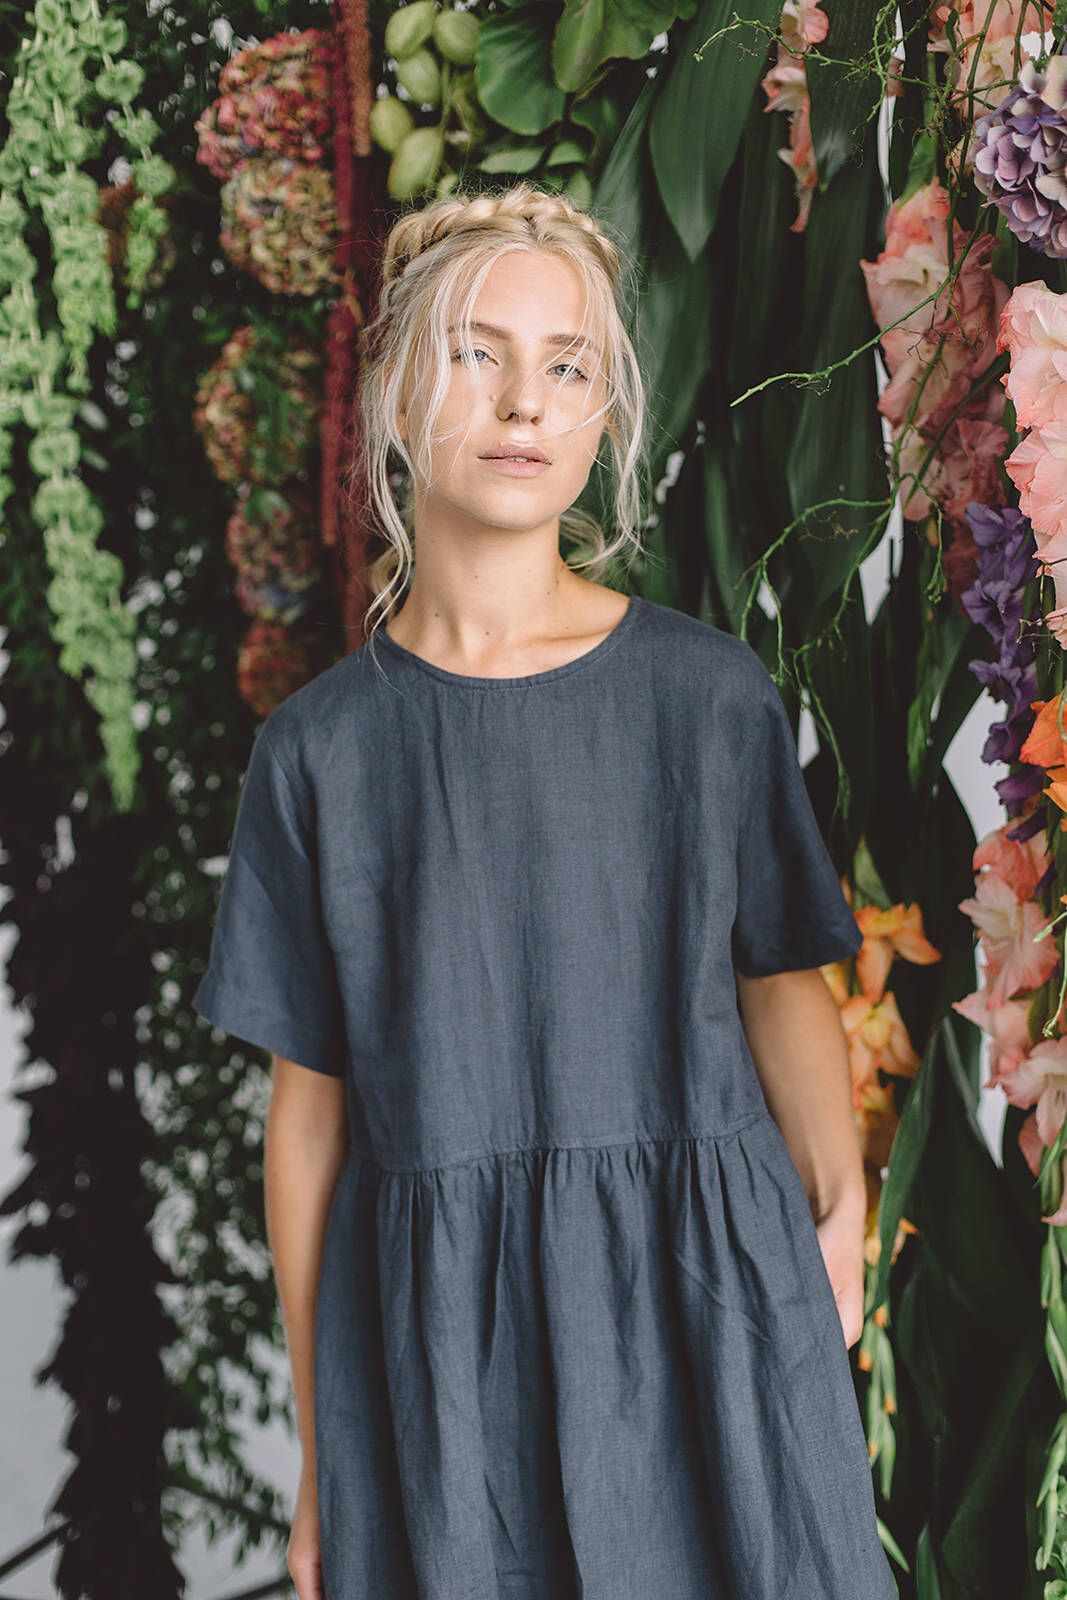 Anna Dress Summer Linen Dress Oversized Linen Dress Smock Dress Loose Linen Dress Summer Linen Dresses Anna Dress Everyday Dresses [ 1600 x 1067 Pixel ]